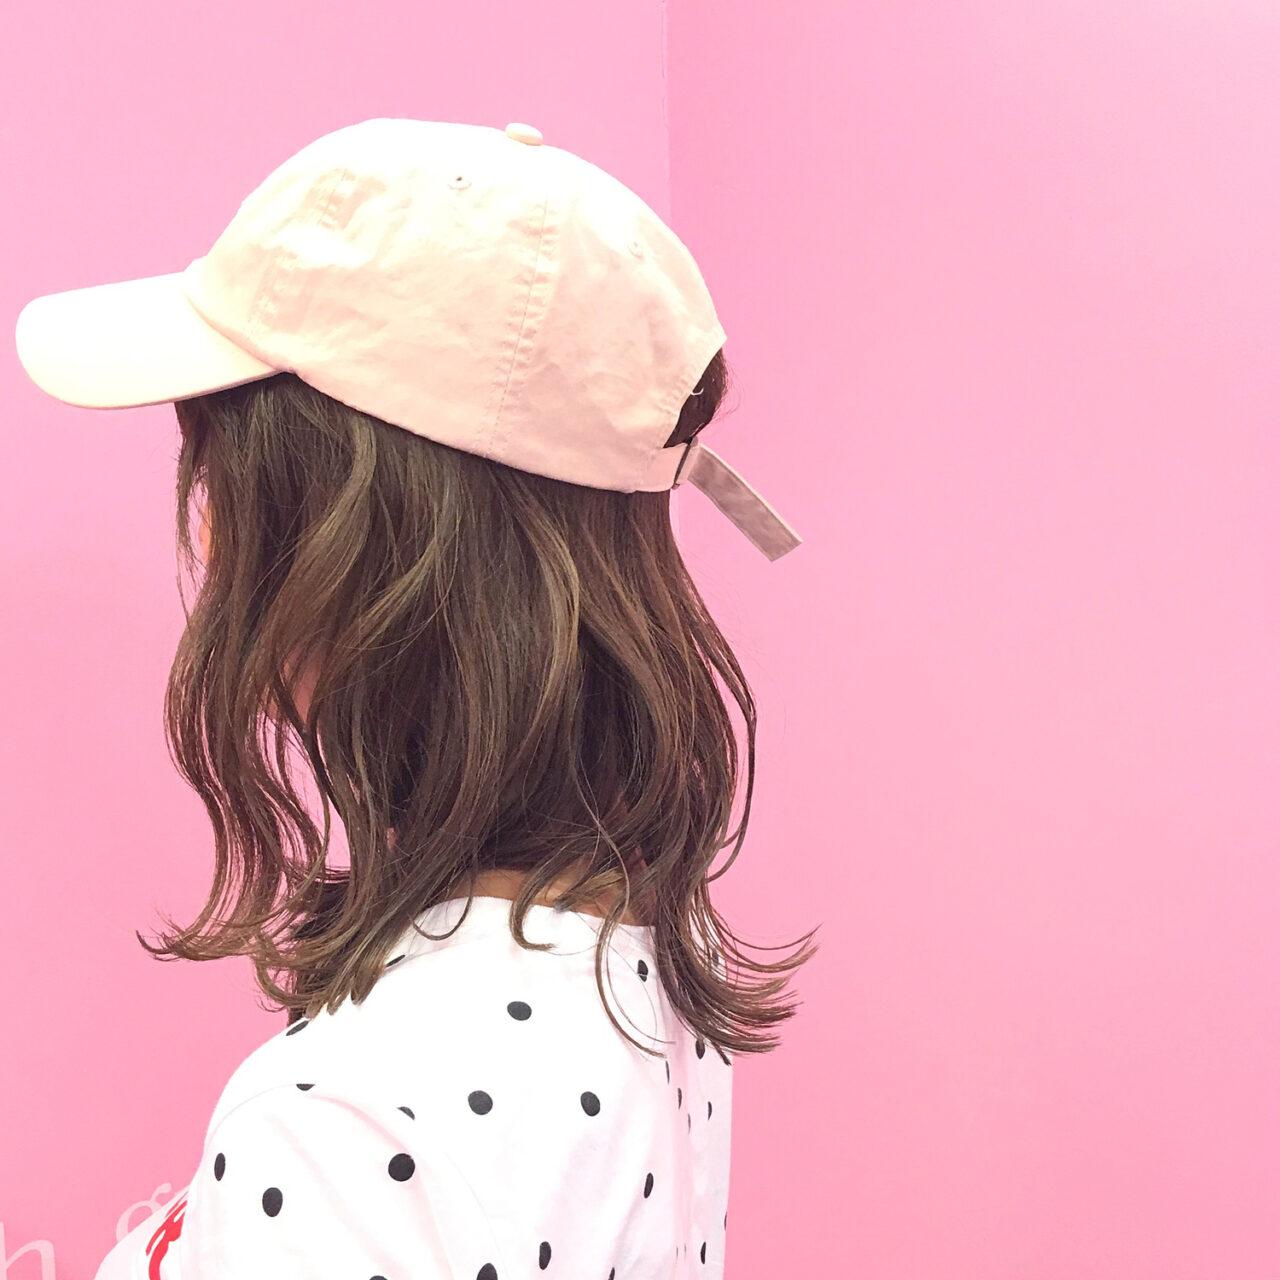 帽子をかぶっているミディアムヘアの女性の横顔